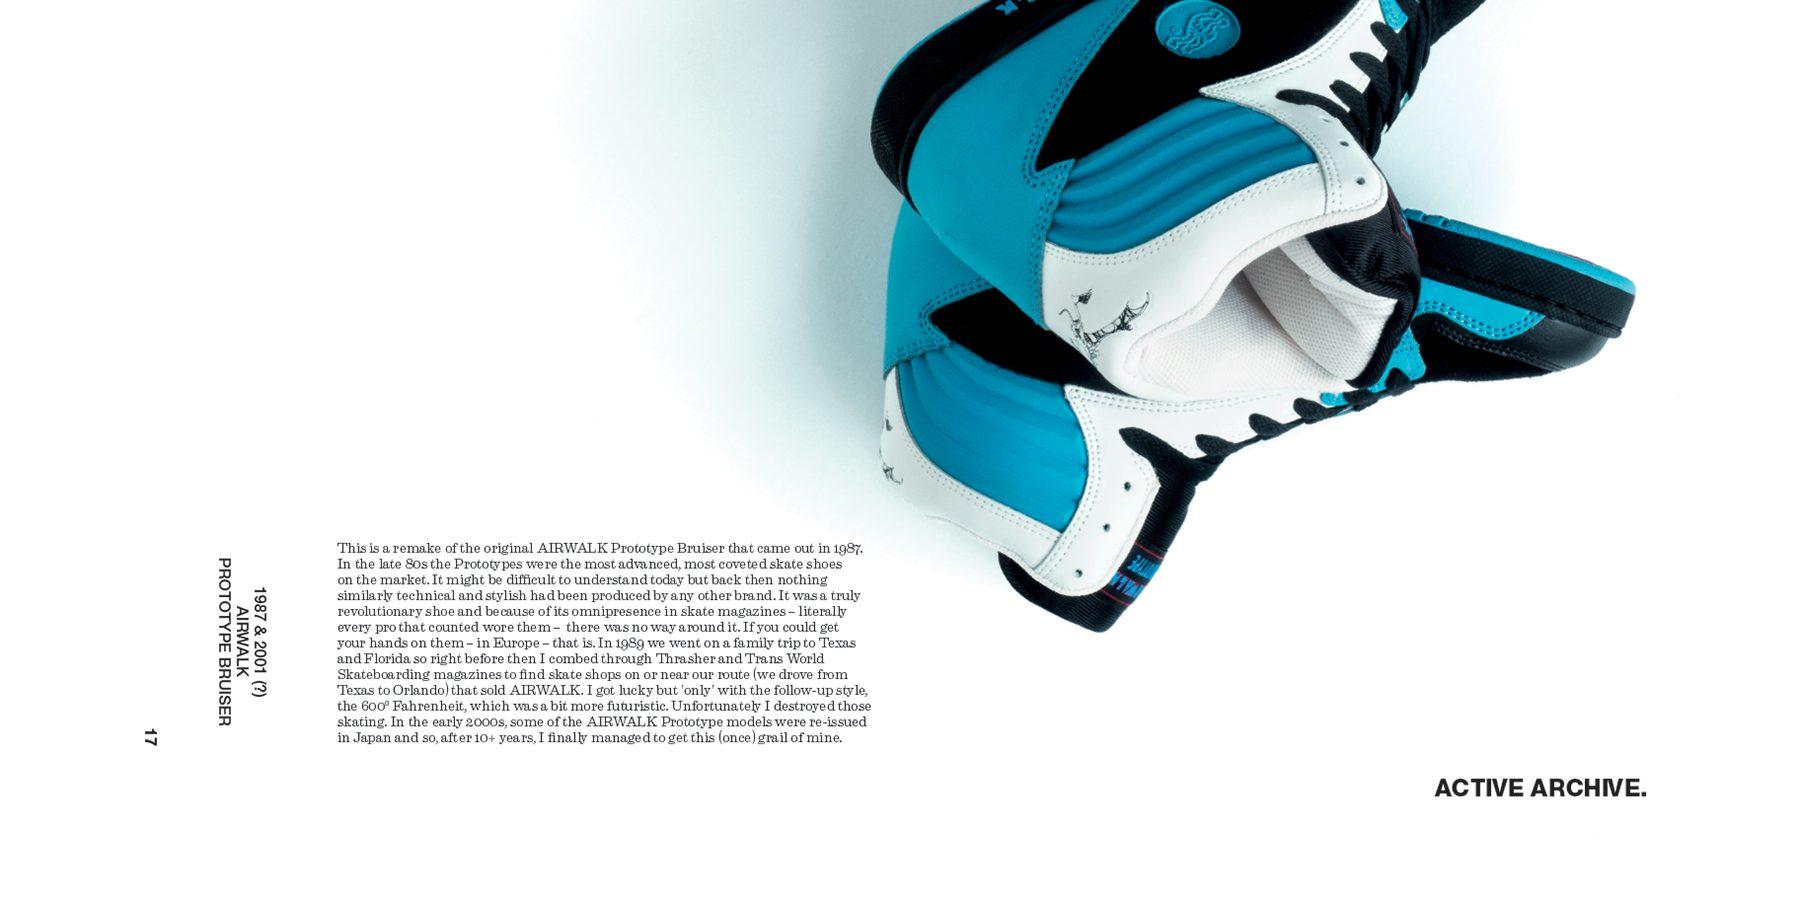 BEINGHUNTED. Magazine #01 - Active Archive AIRWALK